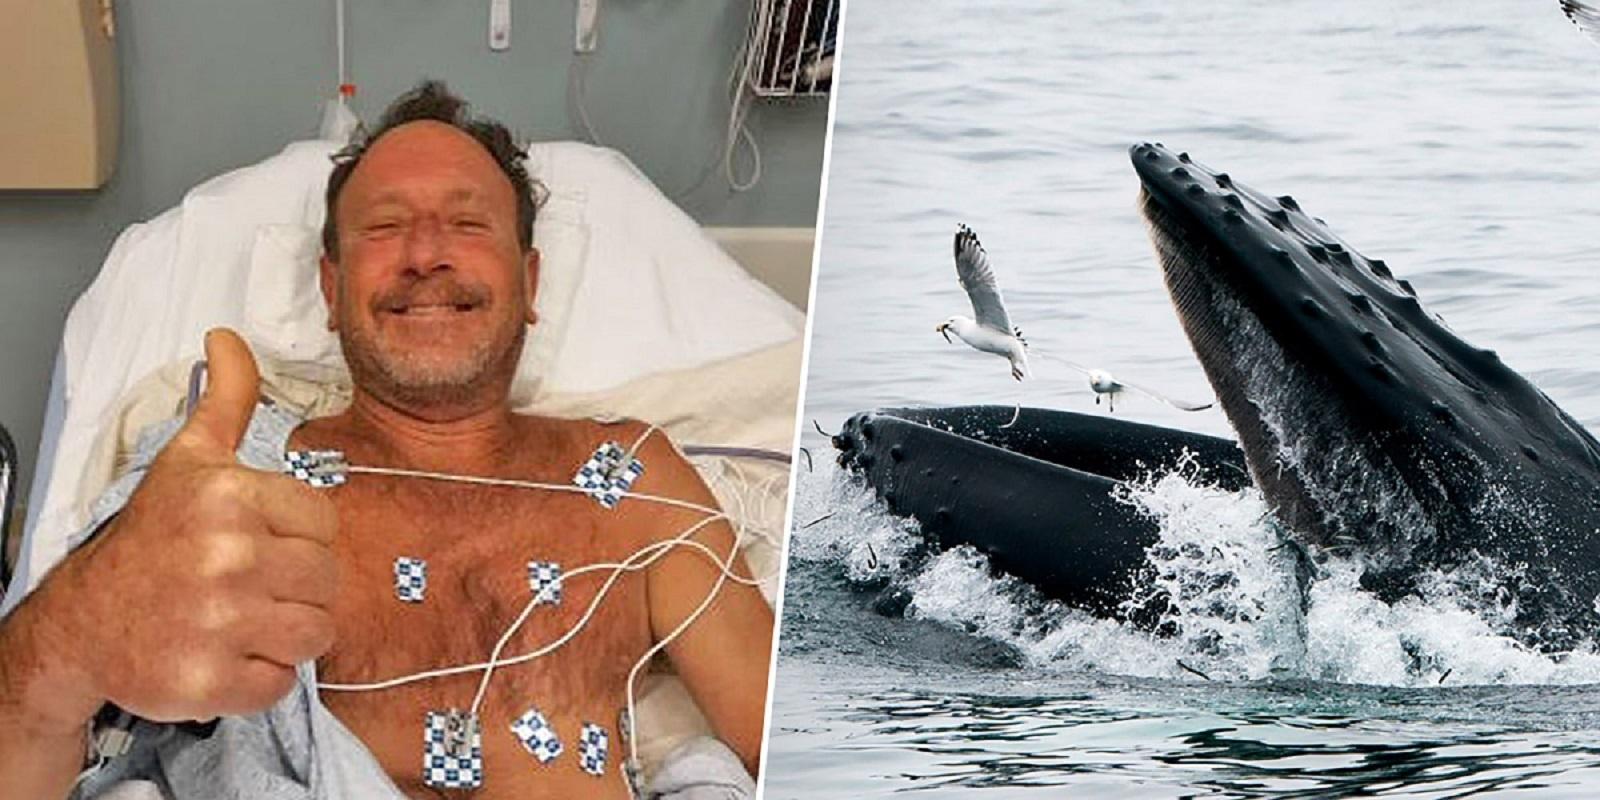 Φάλαινα κατάπιε δύτη και στην συνέχεια τον έφτυσε! - e-Nautilia.gr   Το Ελληνικό Portal για την Ναυτιλία. Τελευταία νέα, άρθρα, Οπτικοακουστικό Υλικό